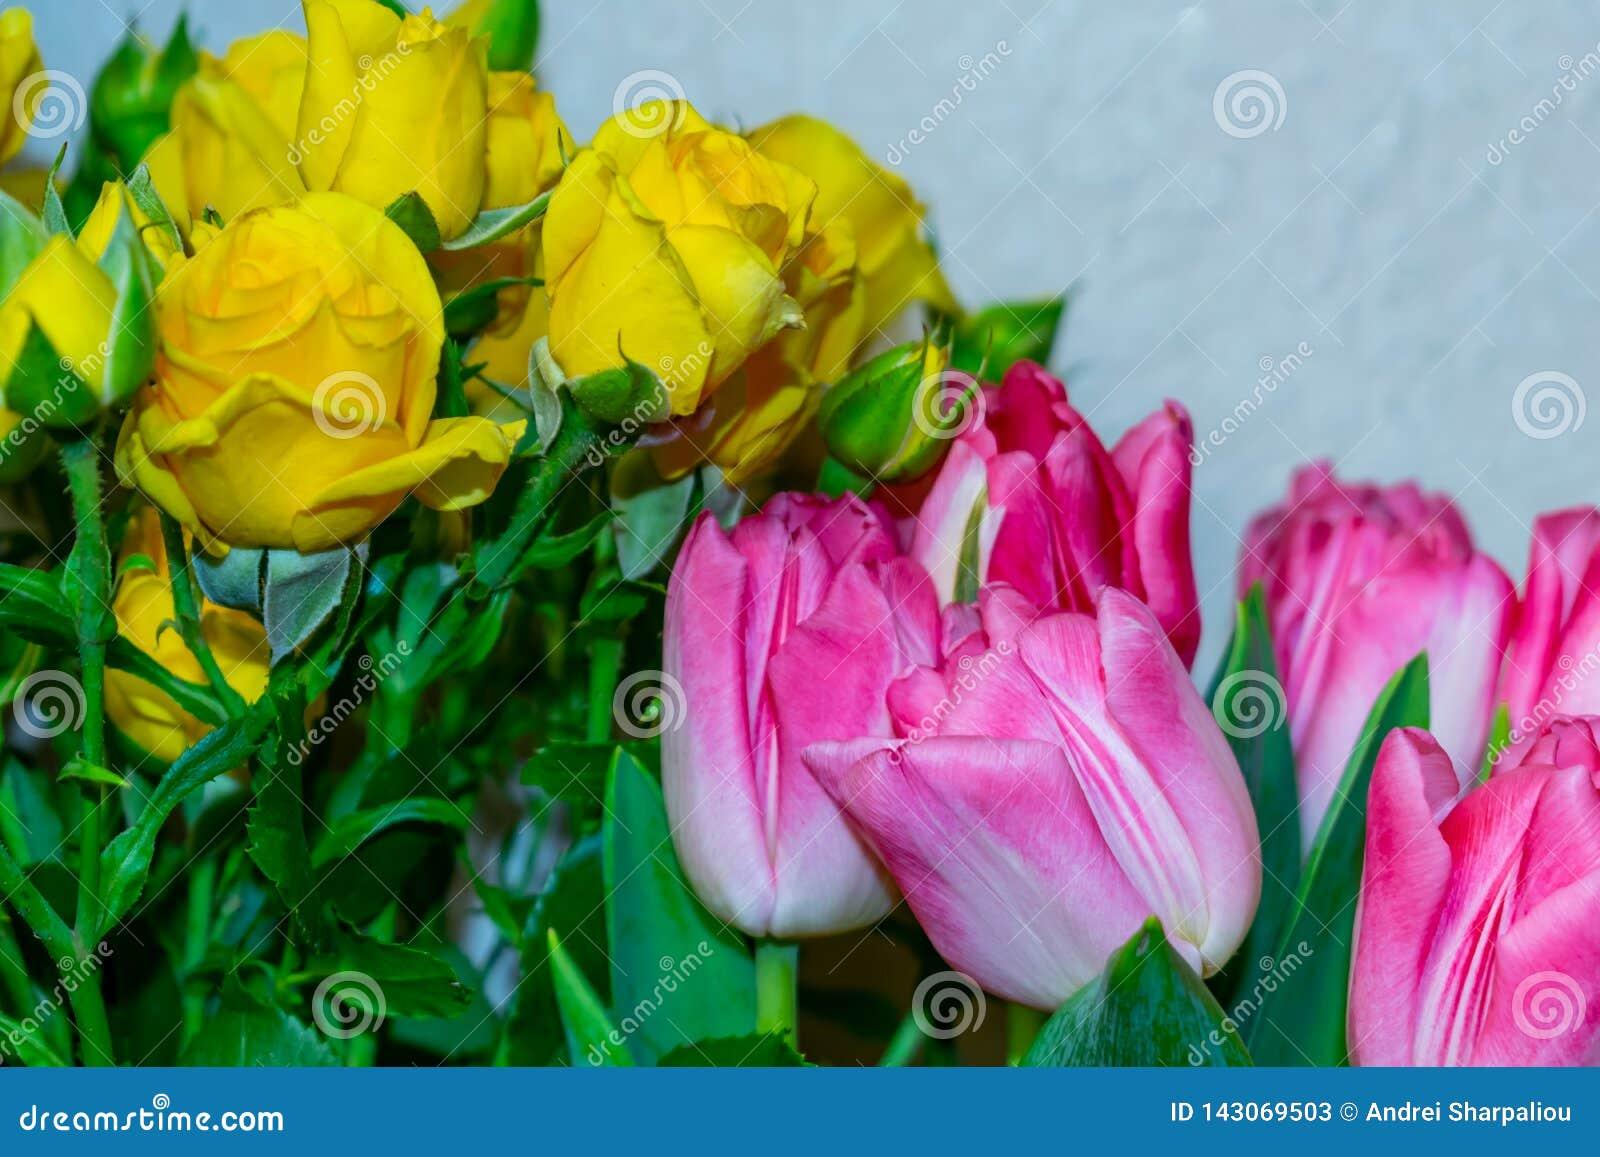 Rosas amarelas e tulipas vermelhas em um vaso